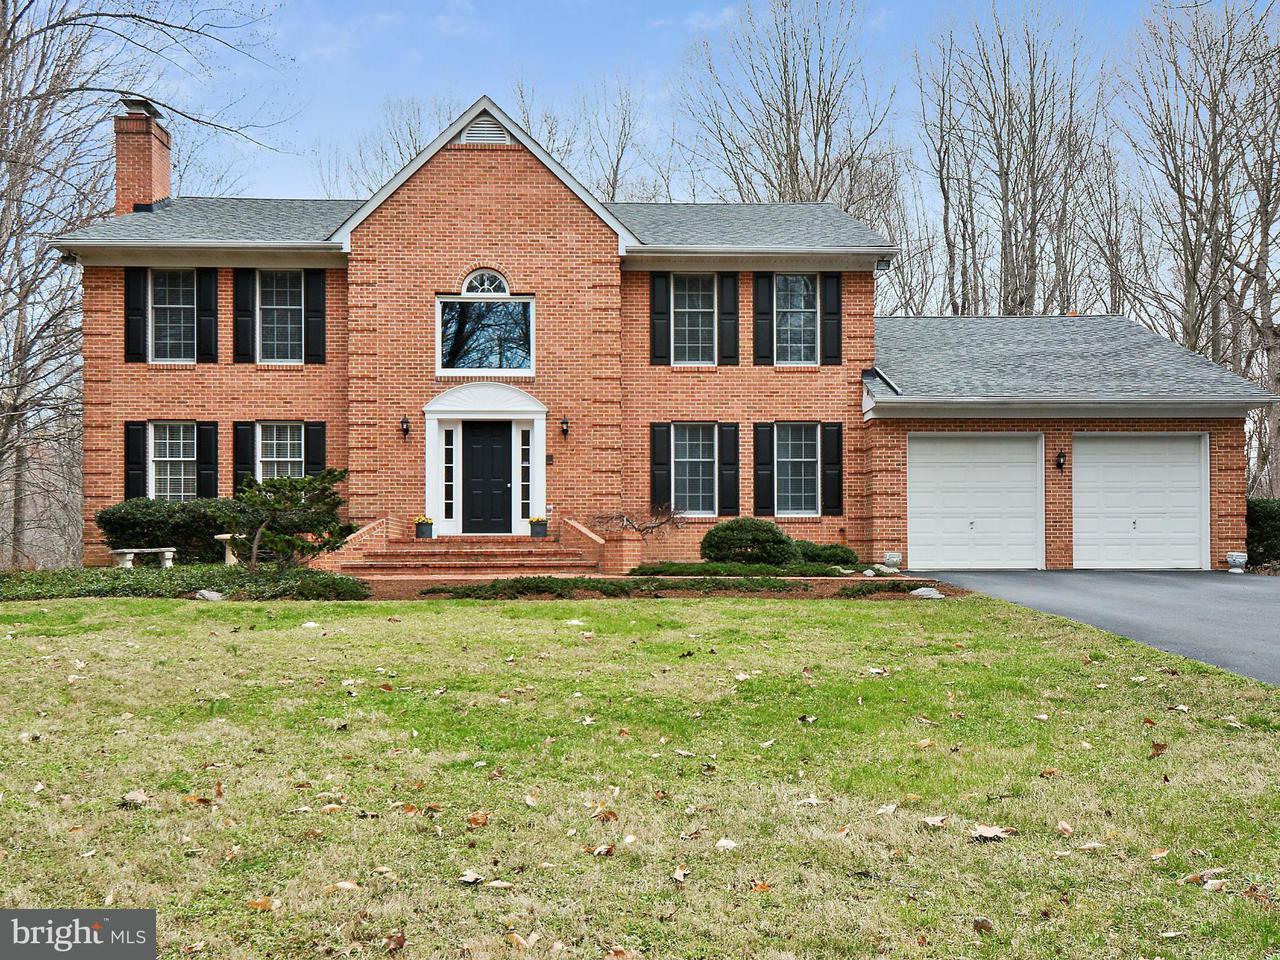 一戸建て のために 売買 アット 473 AVON Court 473 AVON Court Friendship, メリーランド 20758 アメリカ合衆国